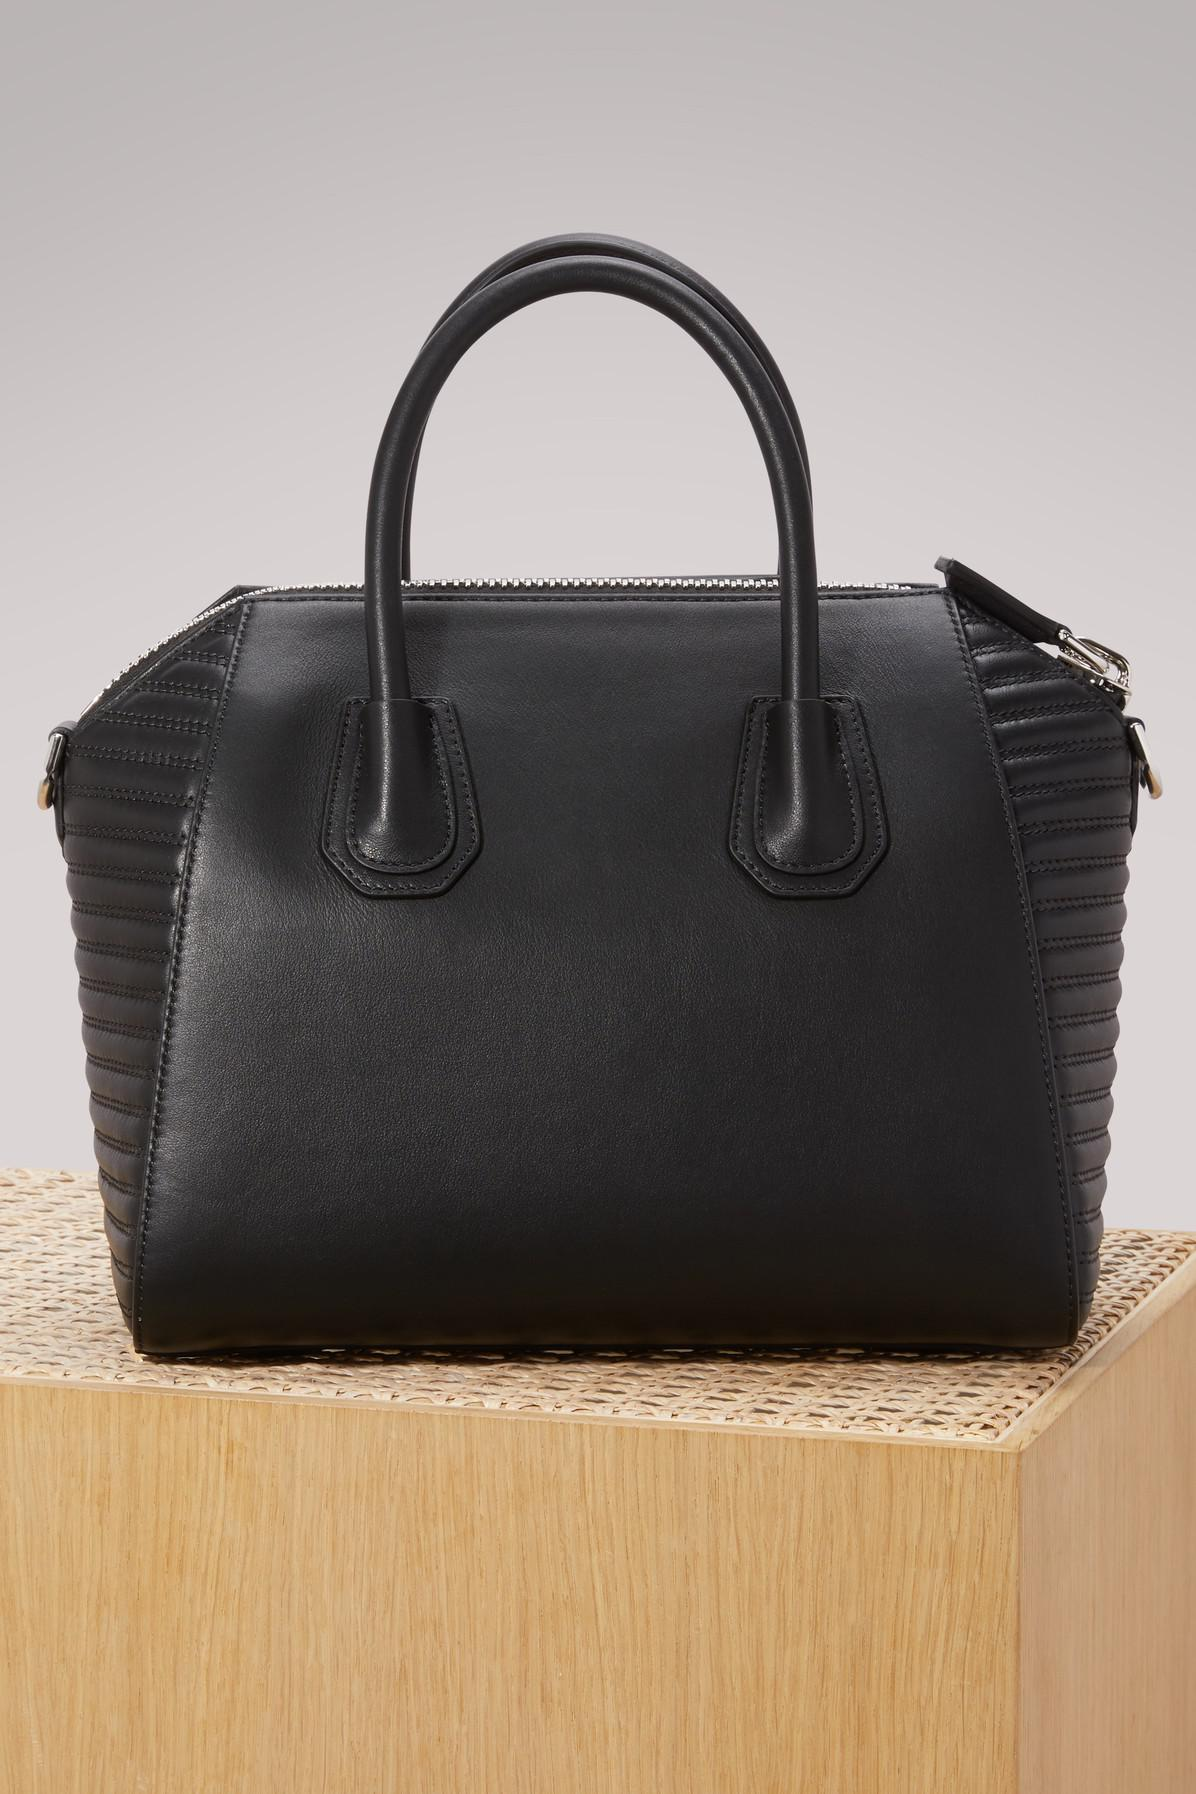 644d805ed17d Lyst - Givenchy Antigona Biker Handbag in Black